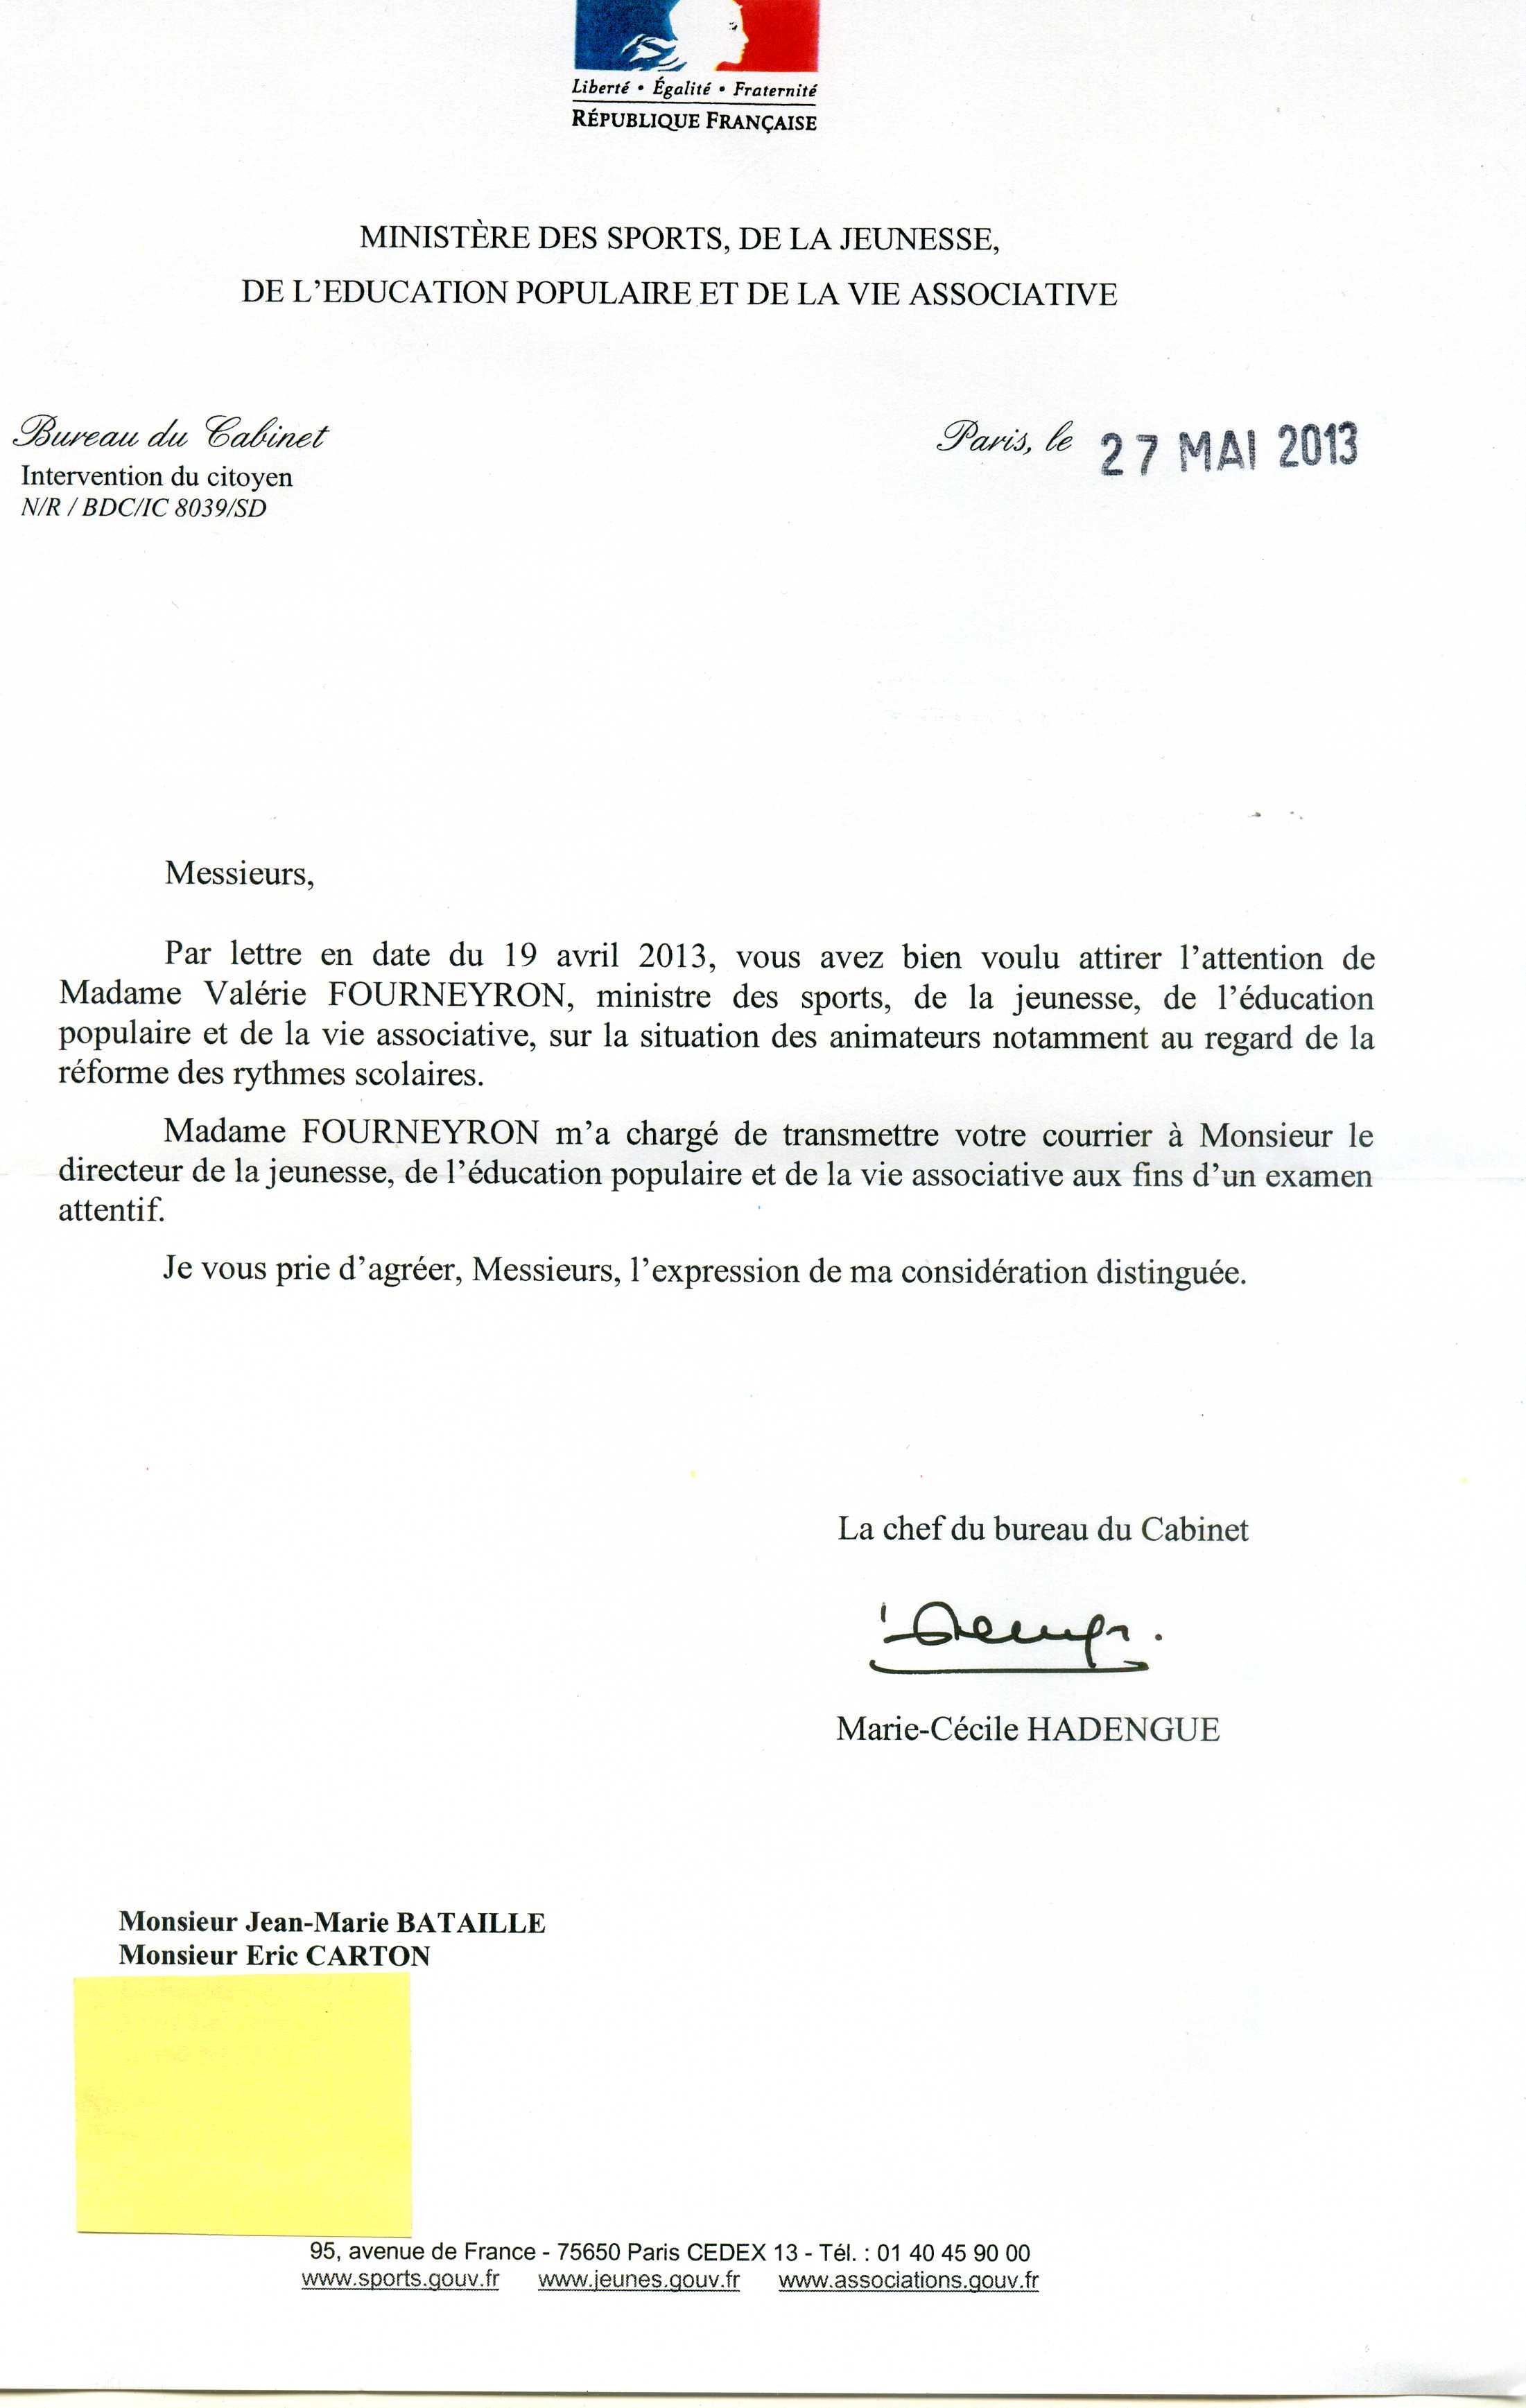 application letter sample  modele de lettre de demande a un ministre